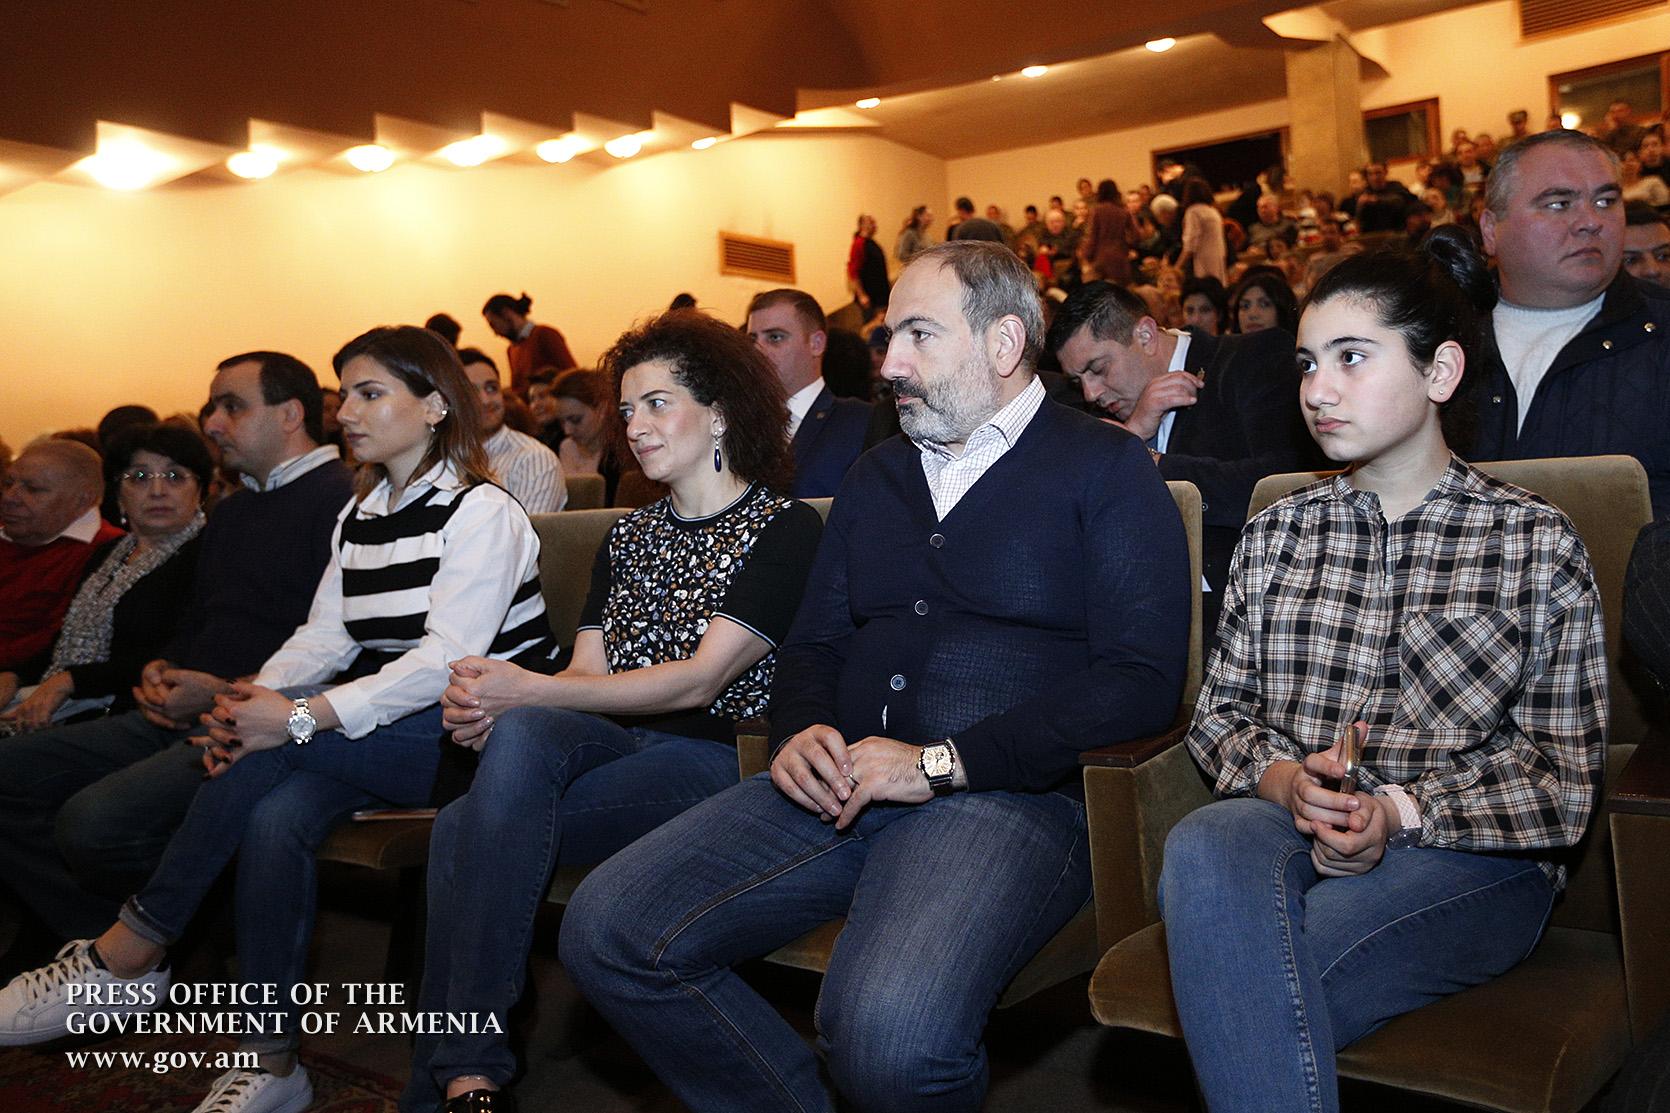 Photo of Նիկոլ Փաշինյանն ու Աննա Հակոբյանը դիտել են  Ն. Գոգոլի «Ռևիզոր» կատակերգական ներկայացումը